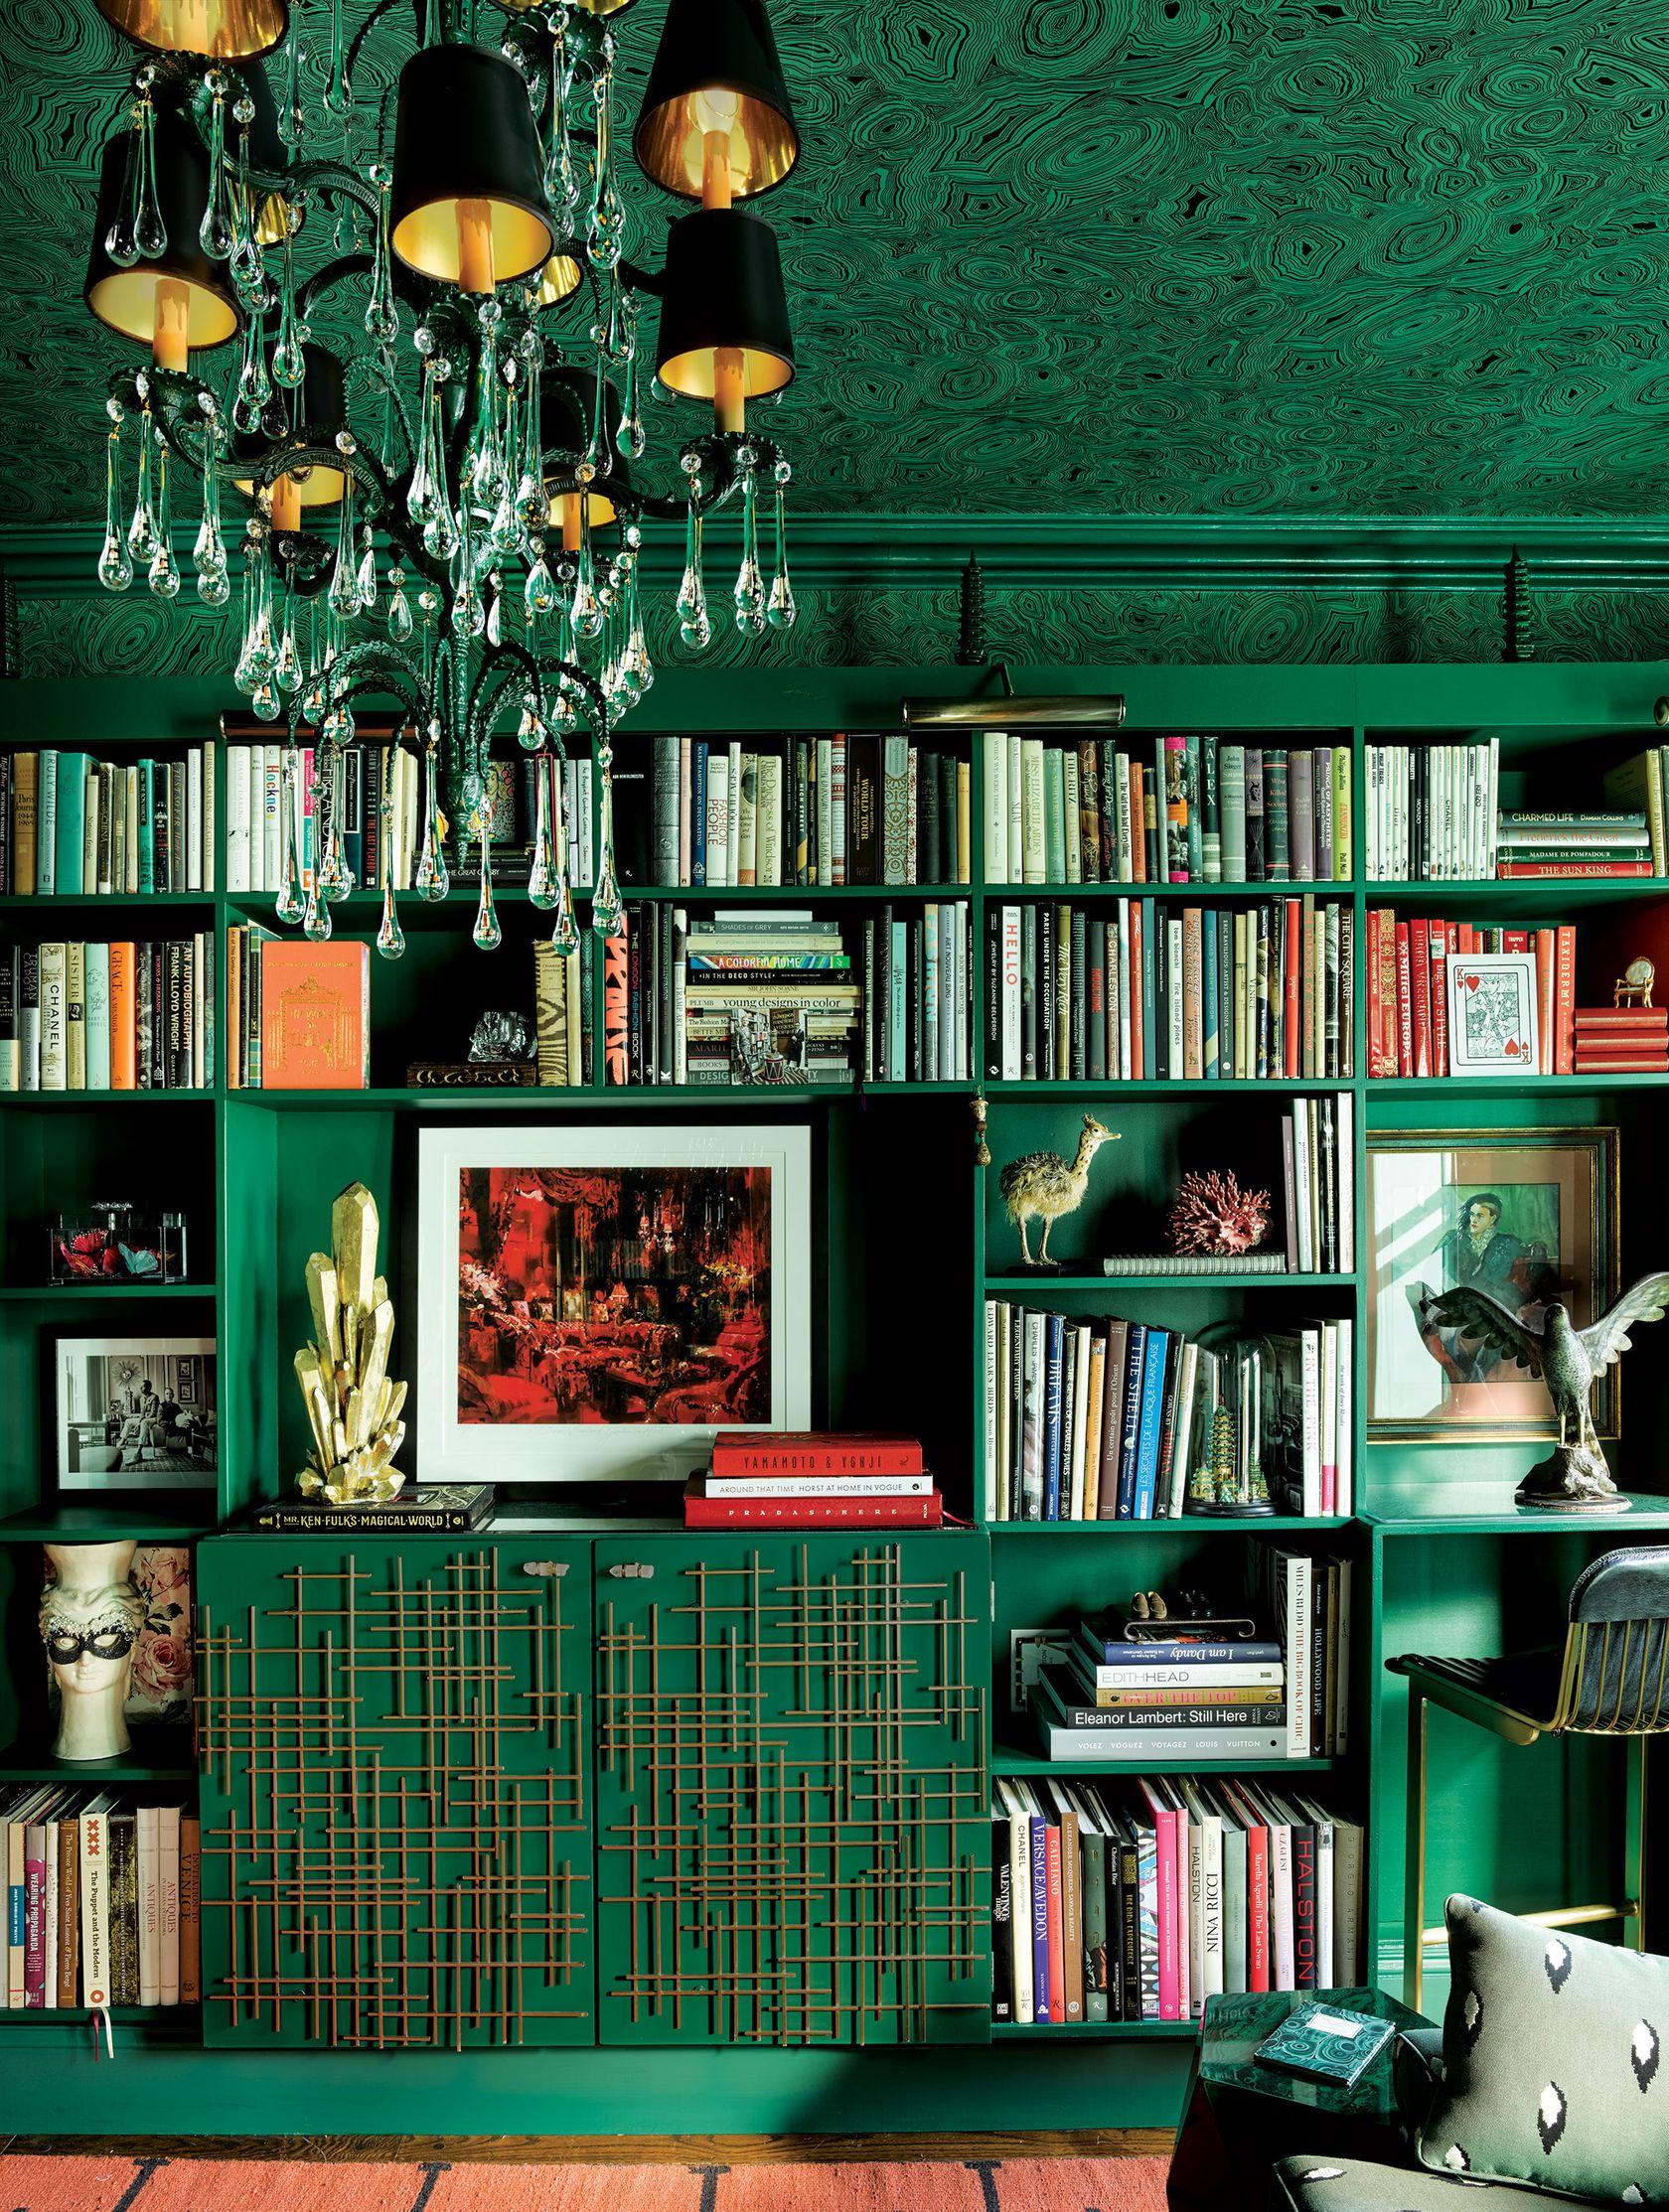 photo 1 from the library bookshelves - Library Bookshelves